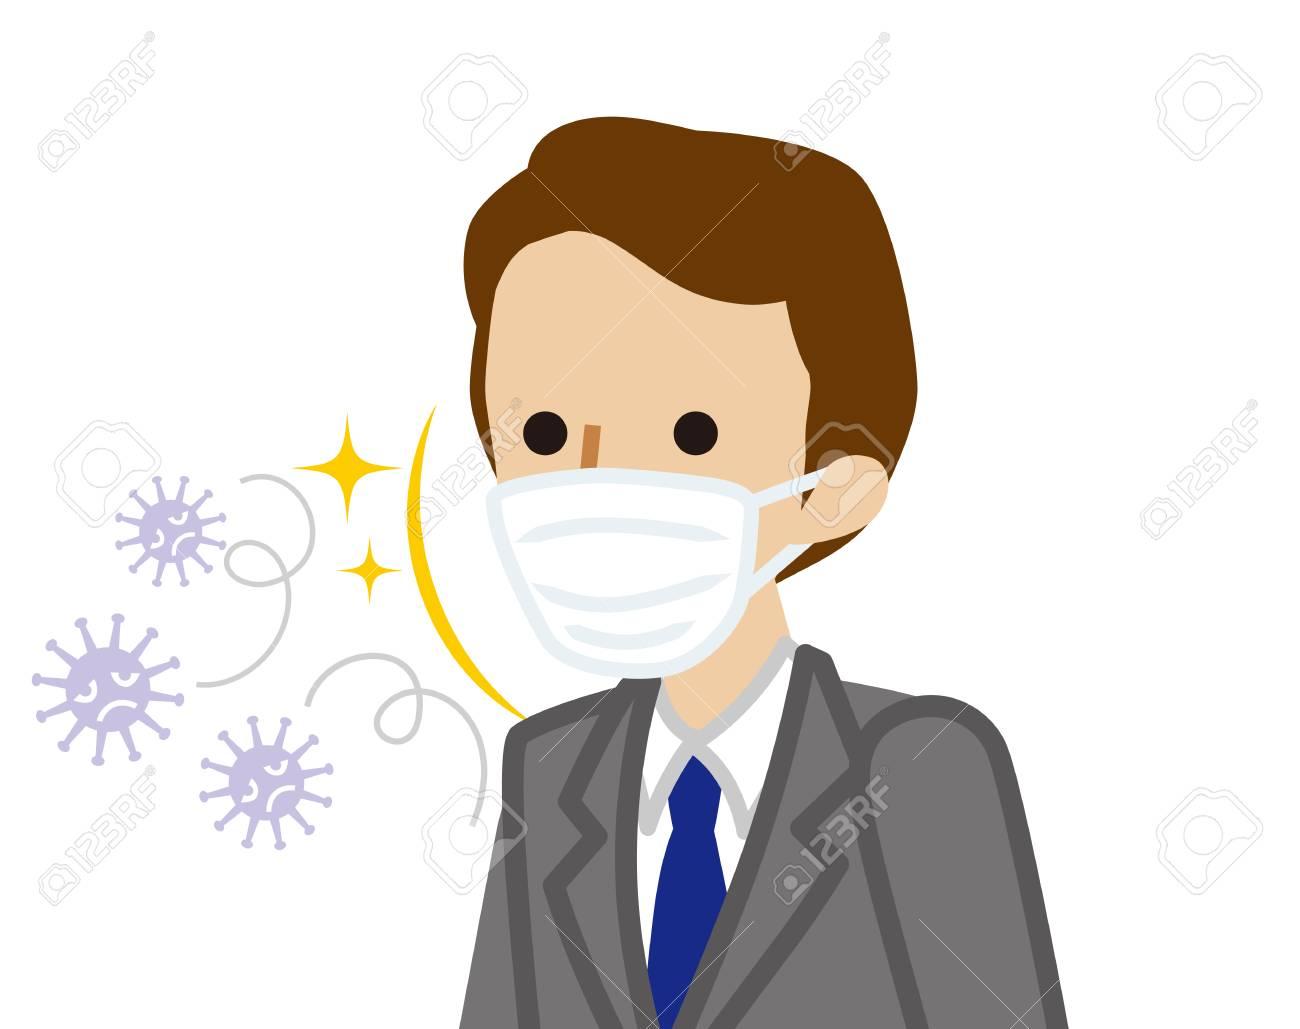 mask for flu virus